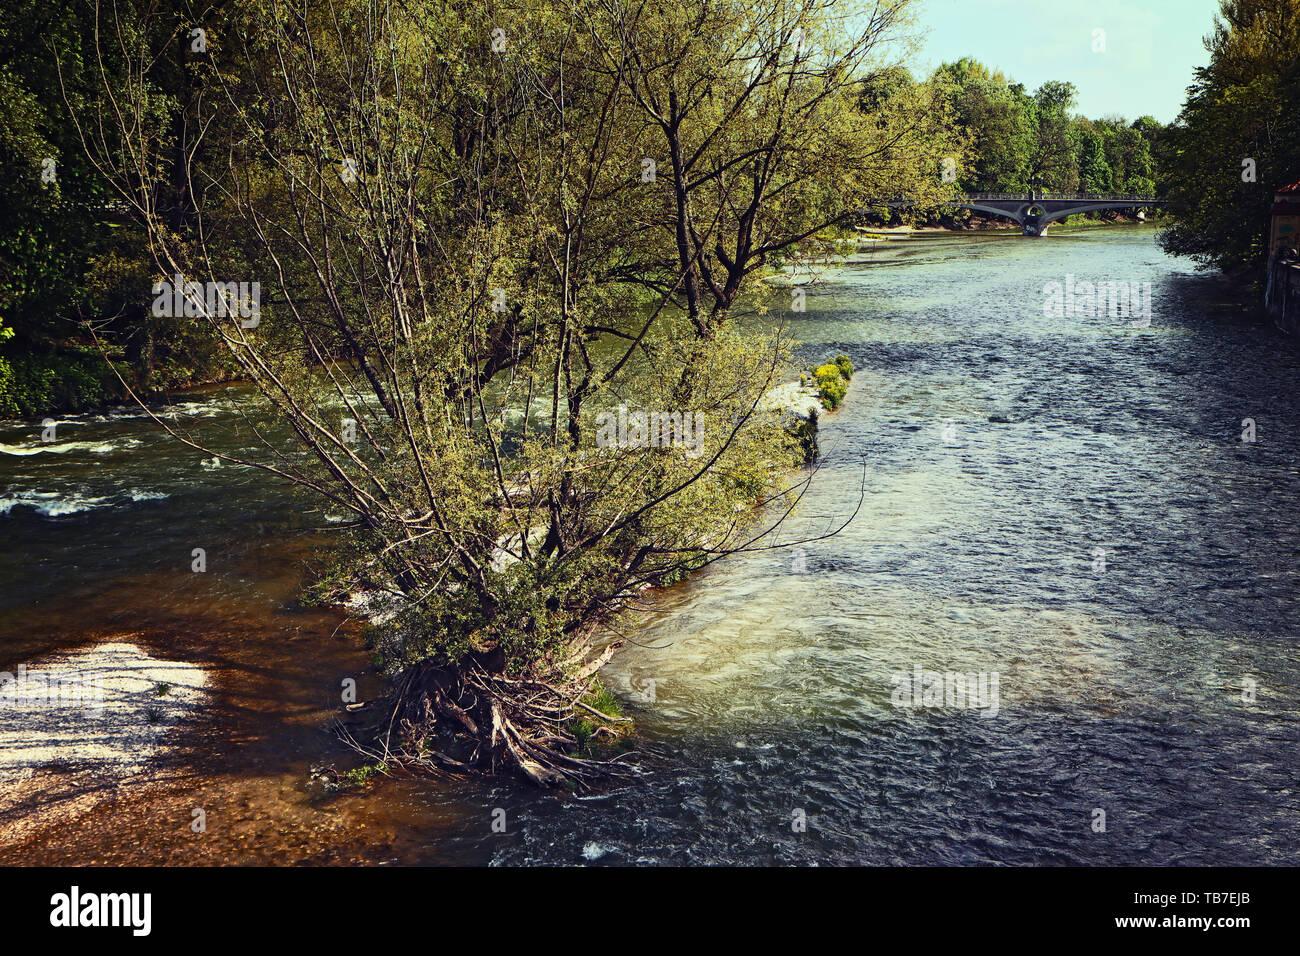 Vue panoramique de la rivière Isar printemps à Munich avec le clair et propre eau-vive Banque D'Images